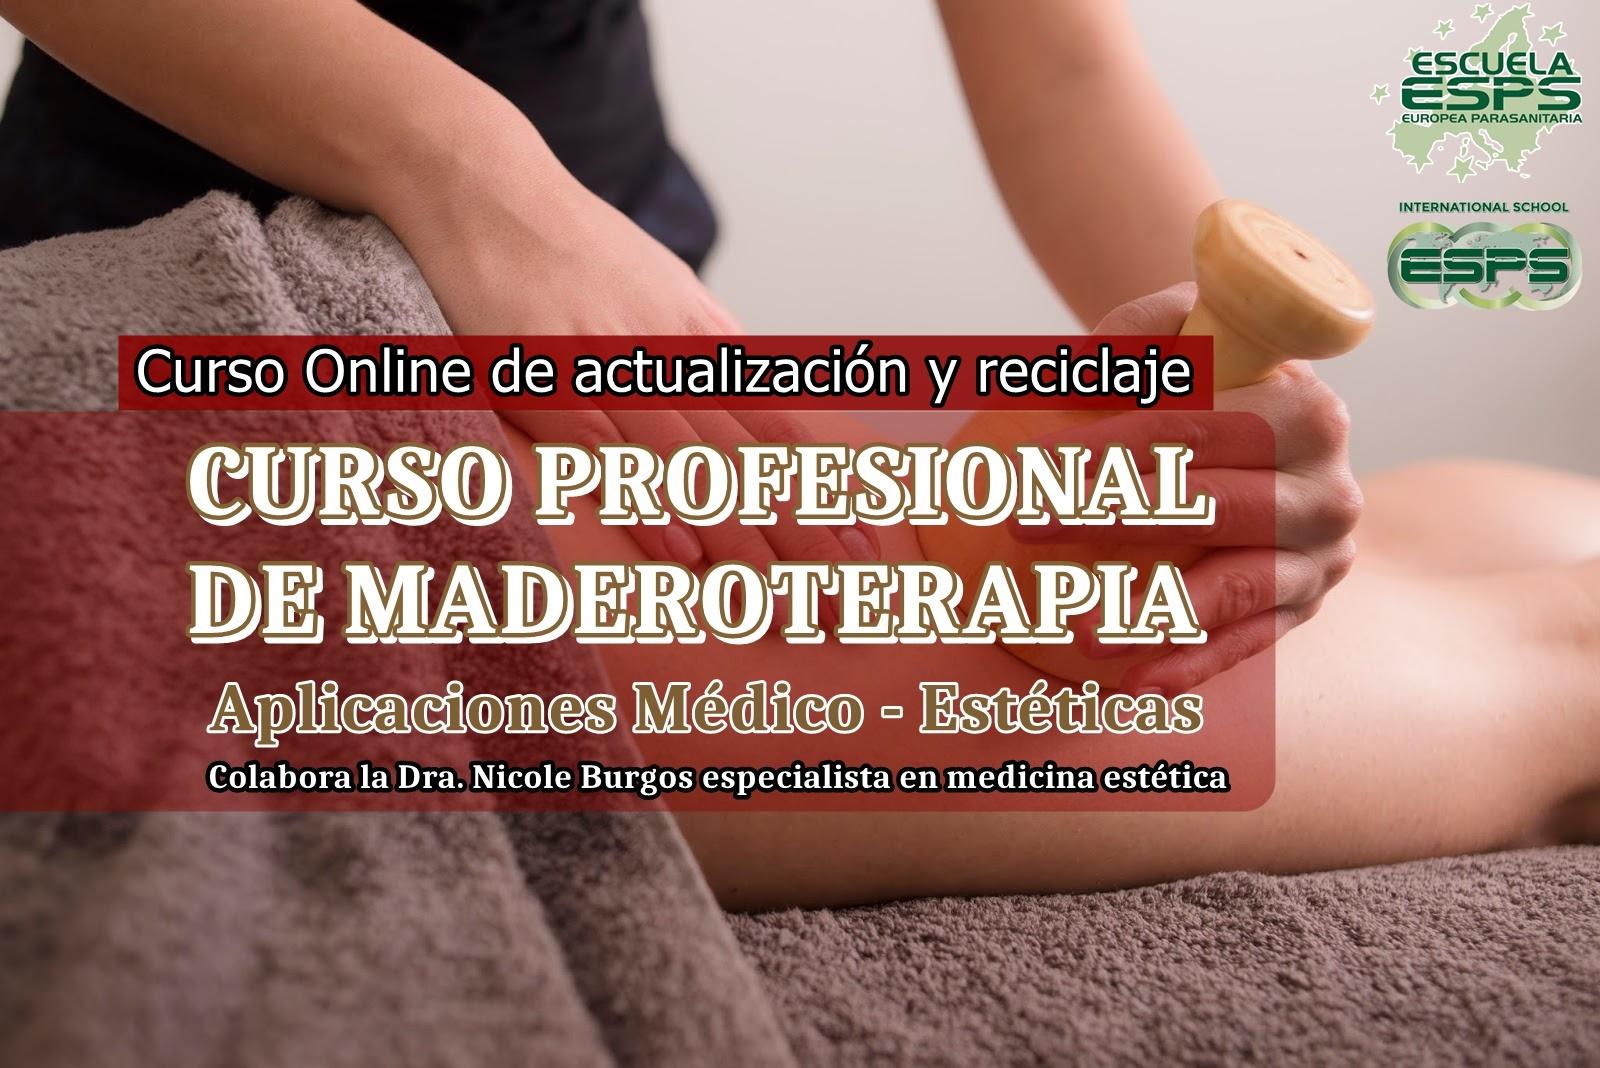 Curso de maderoterapia profesional medico - estética